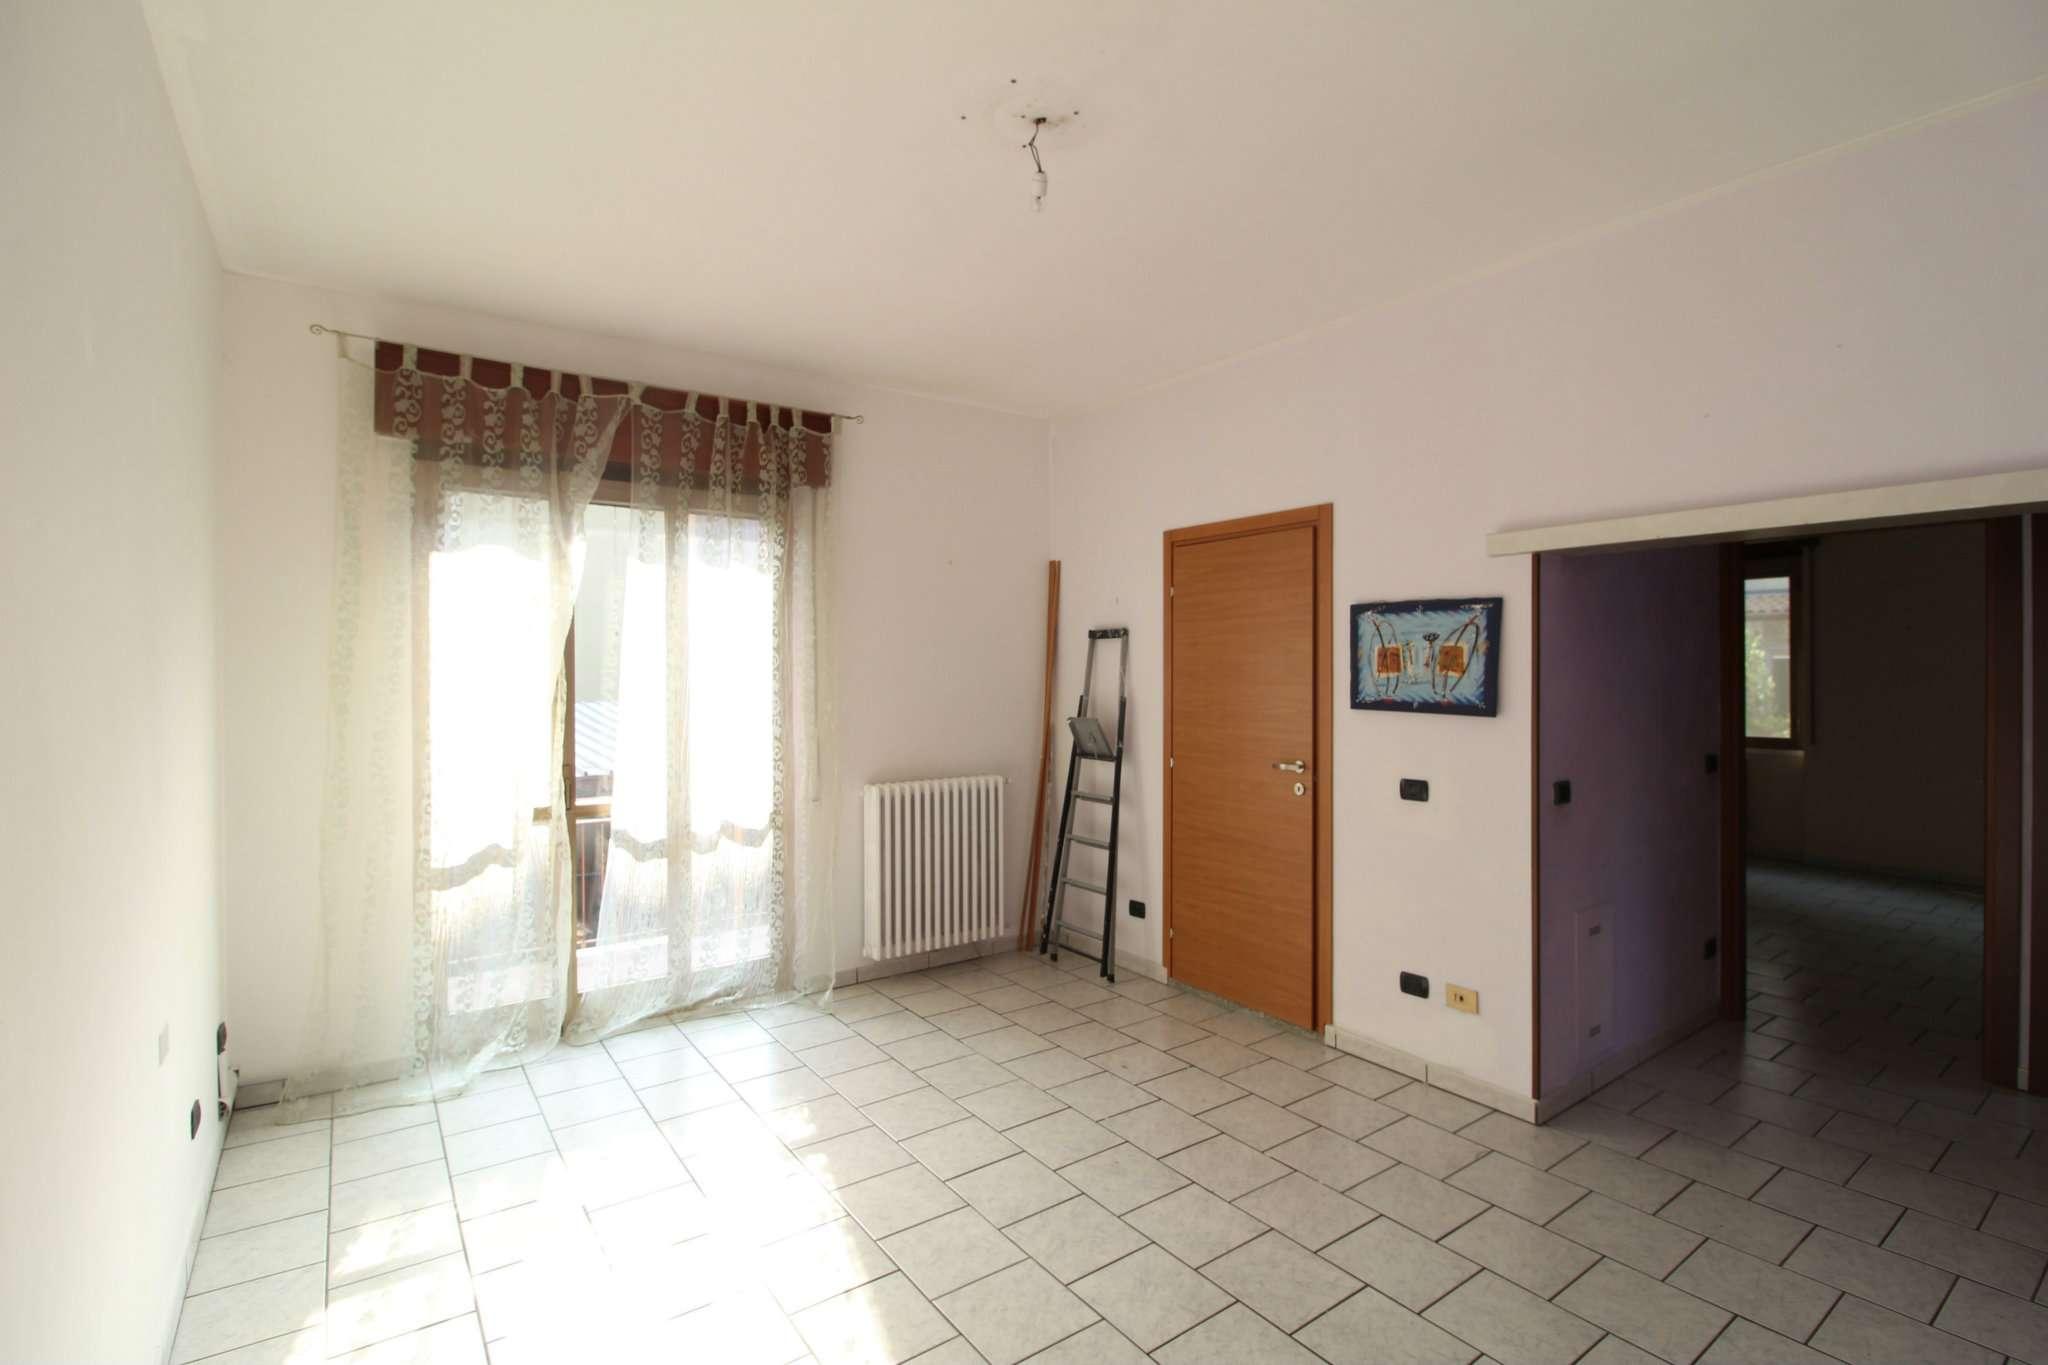 Appartamento ristrutturato in vendita Rif. 7971487